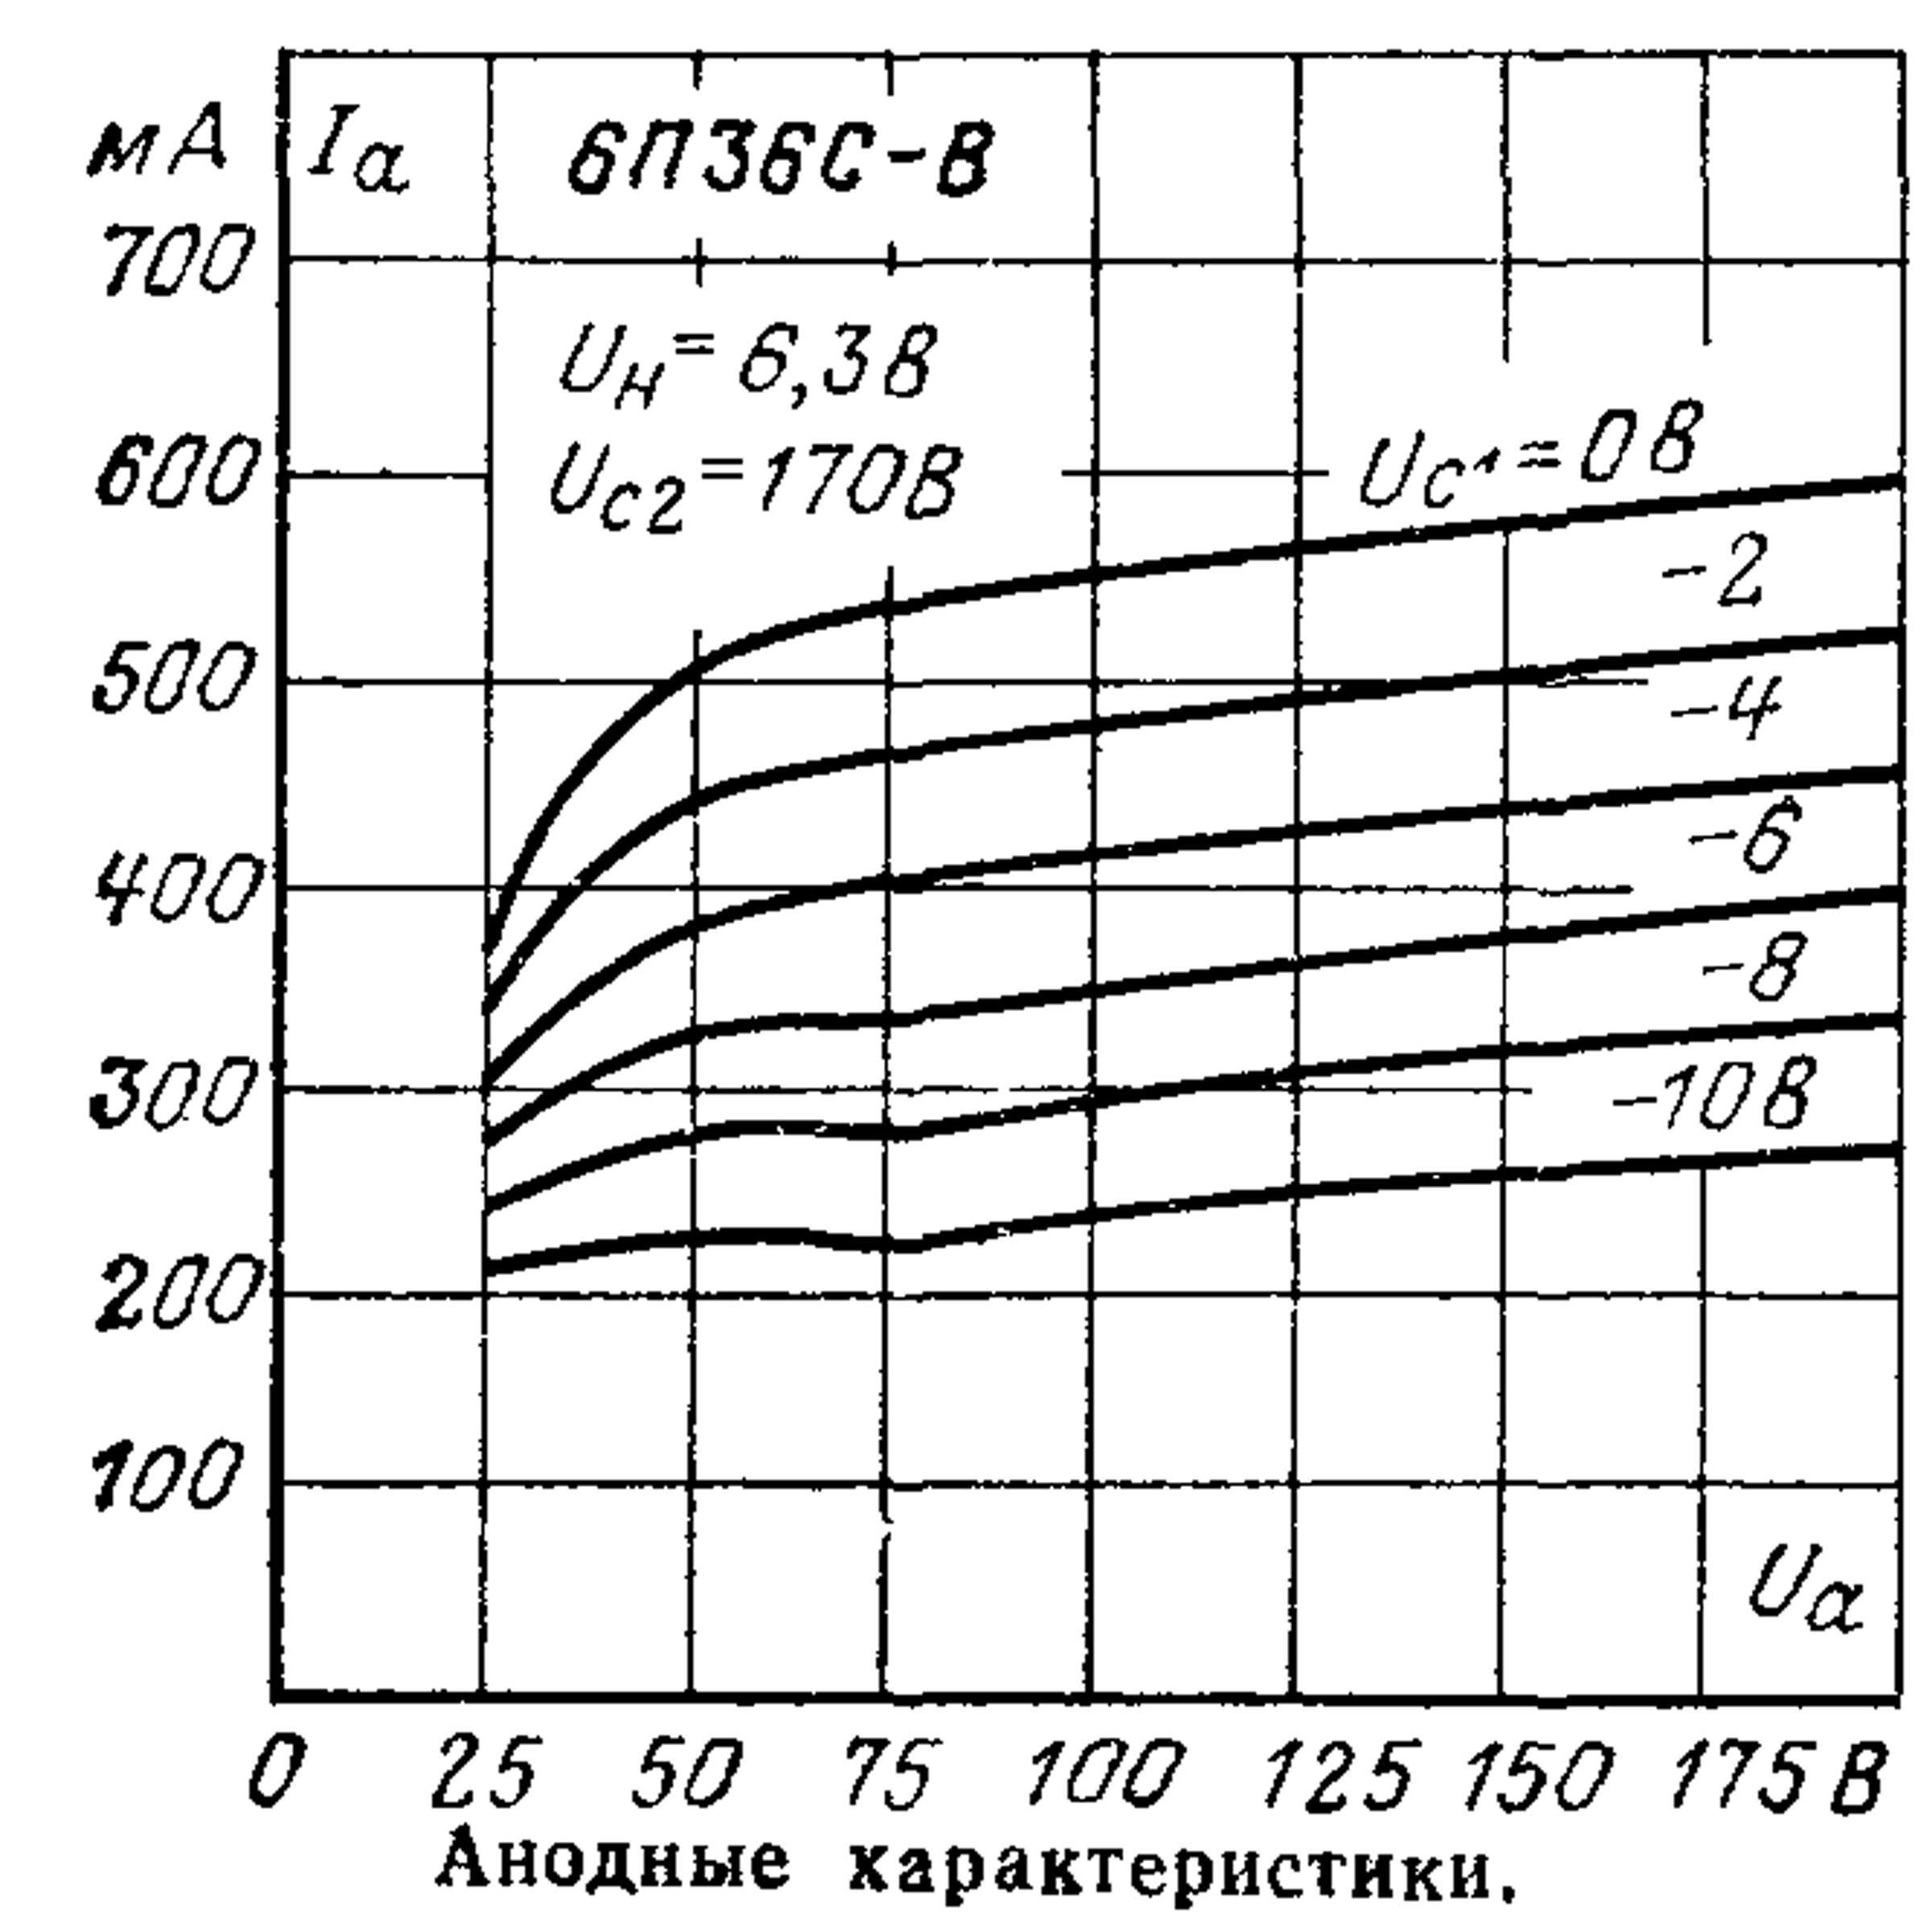 Параметры радиолампы 6П36С-В